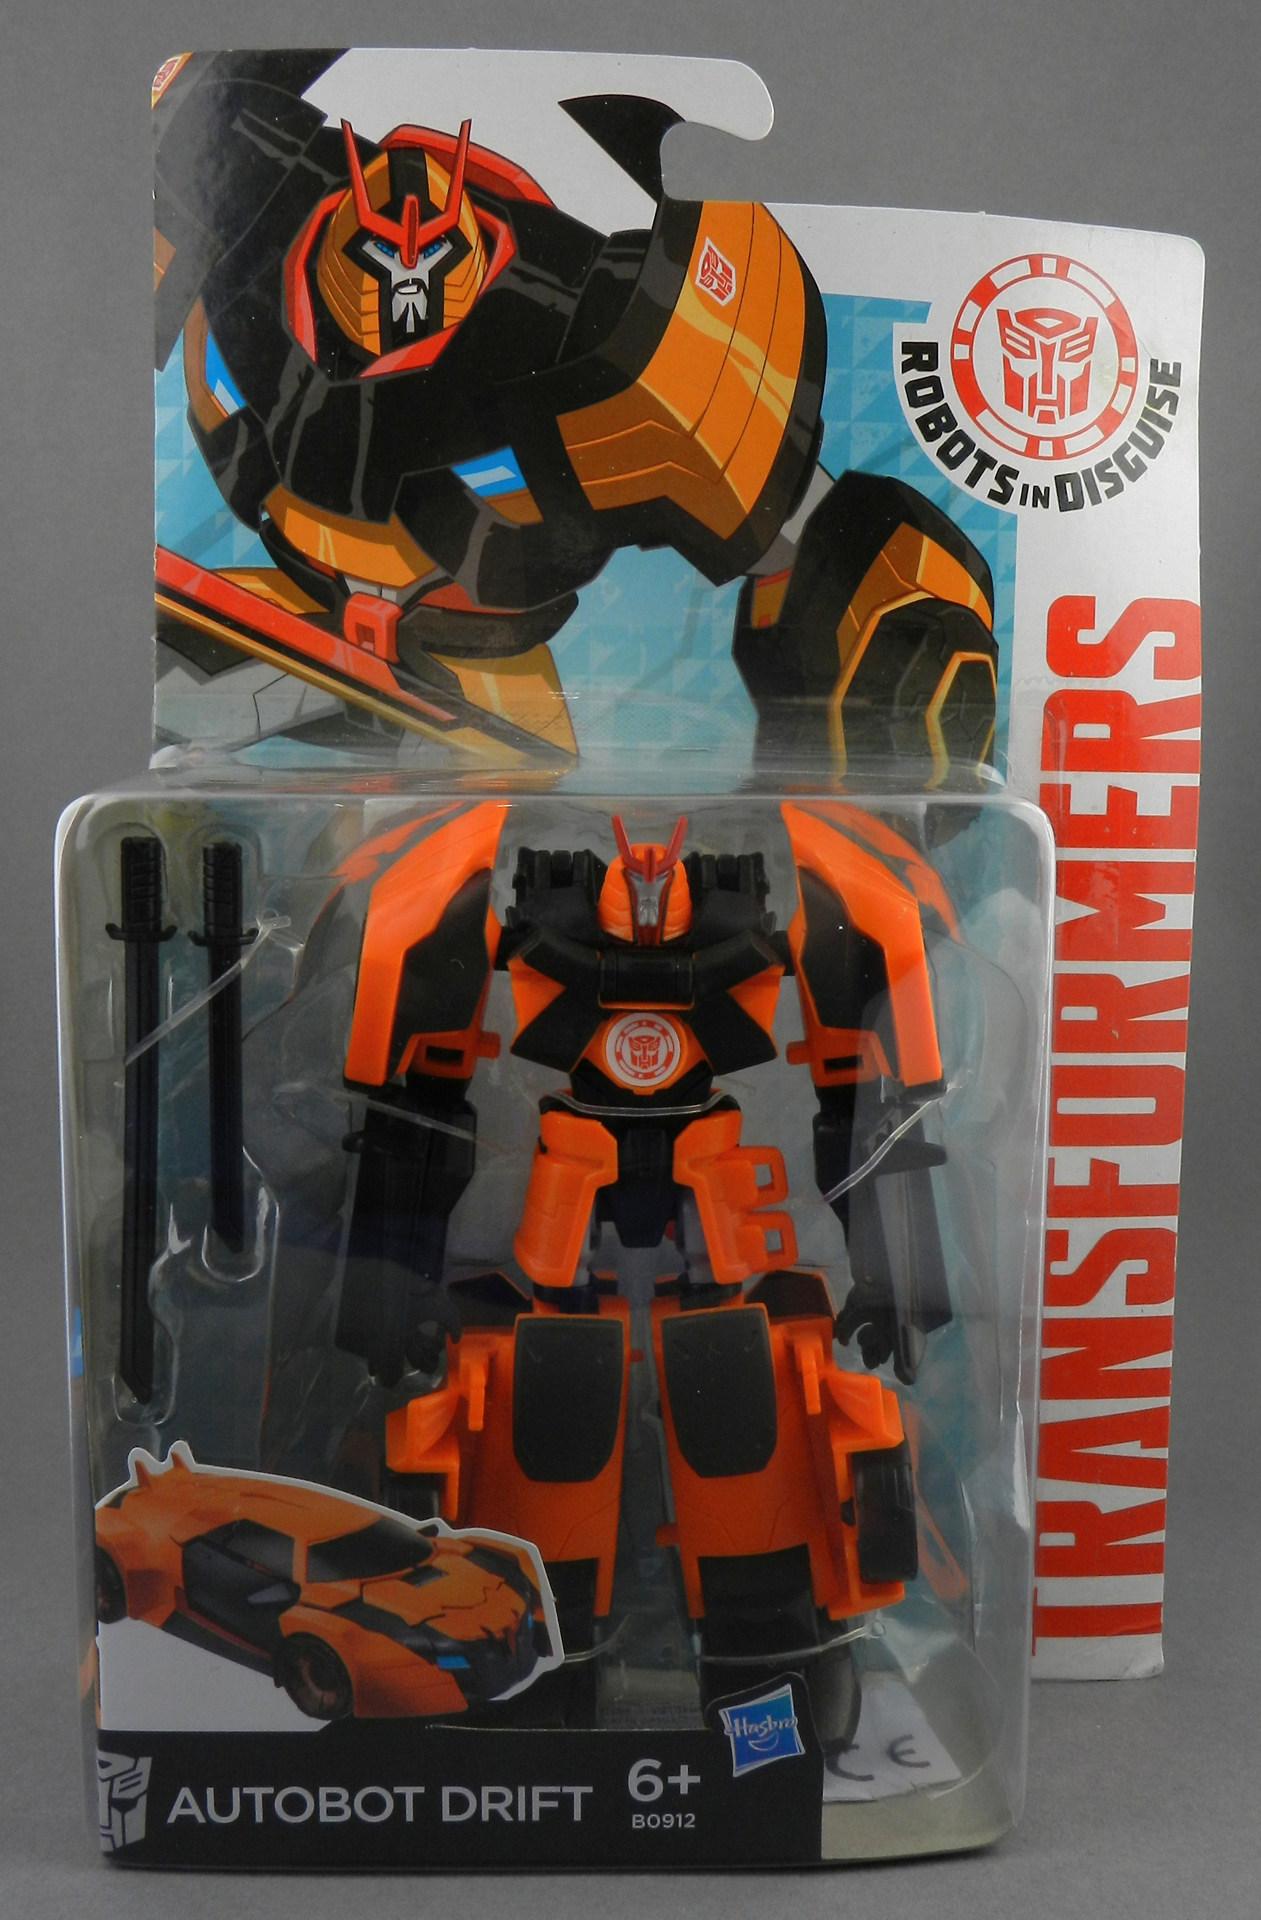 Car Transformers 5 Hound